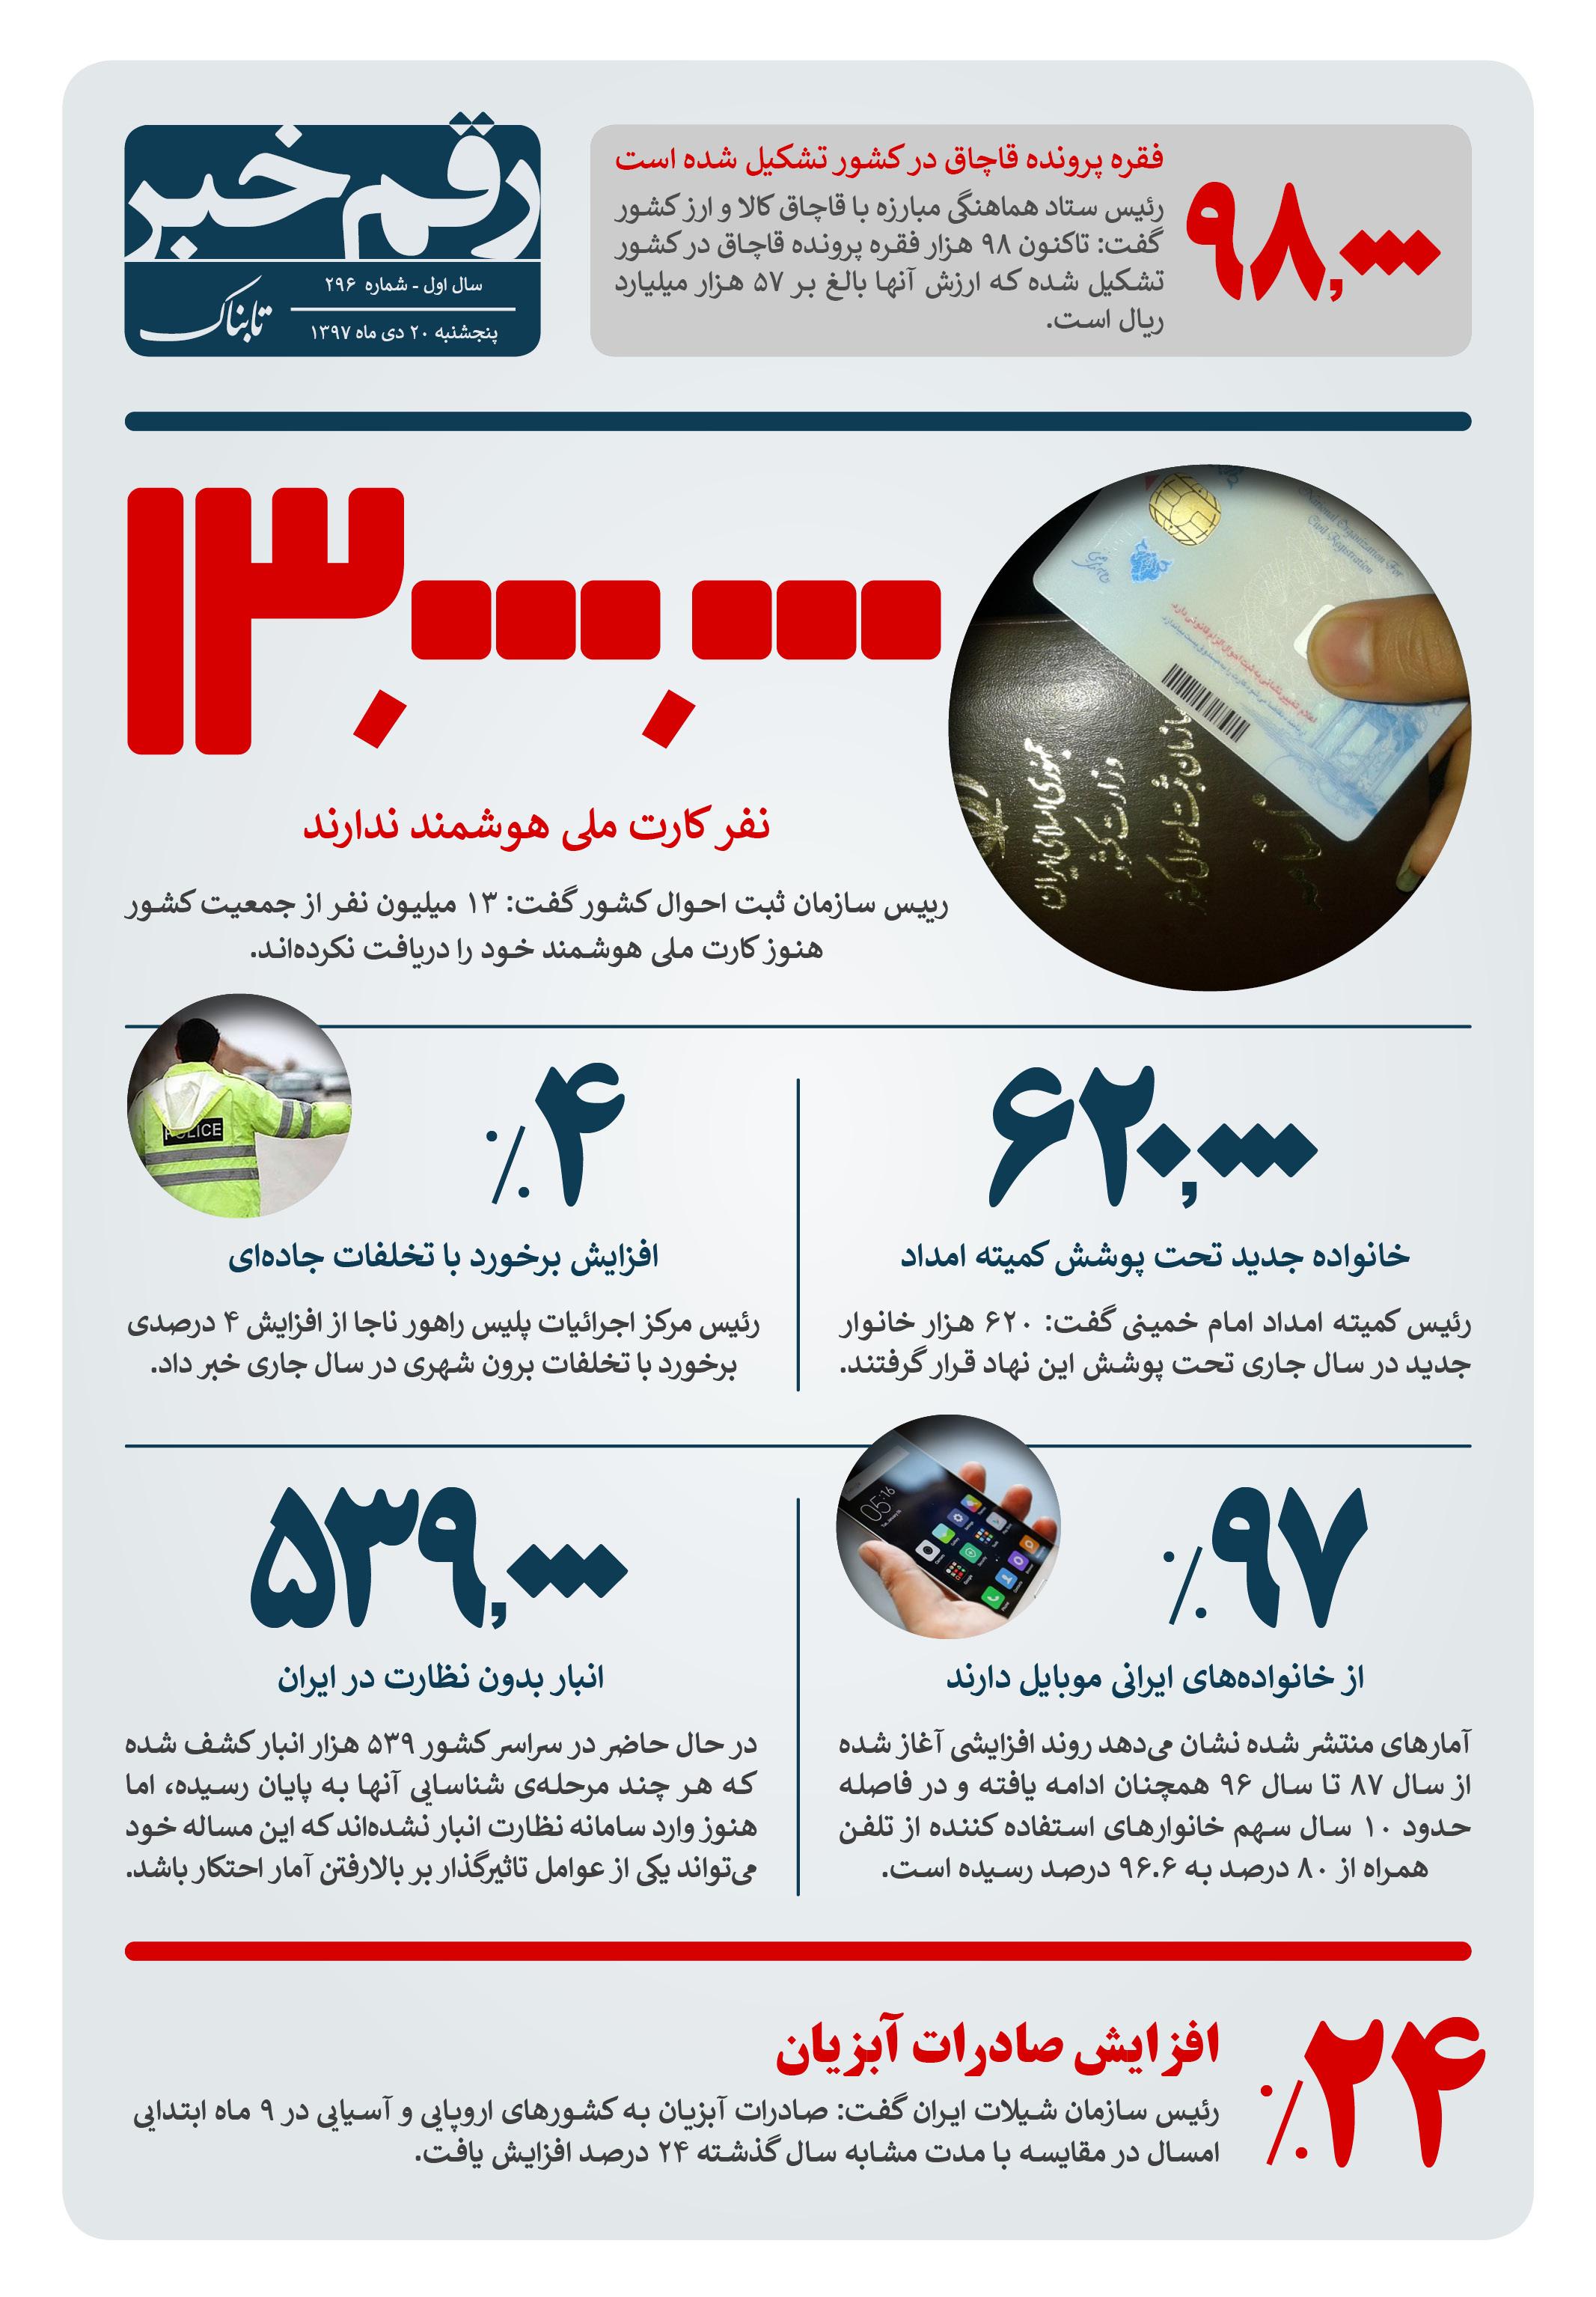 رقم خبر: چند ایرانی کارت ملی هوشمند ندارند؟